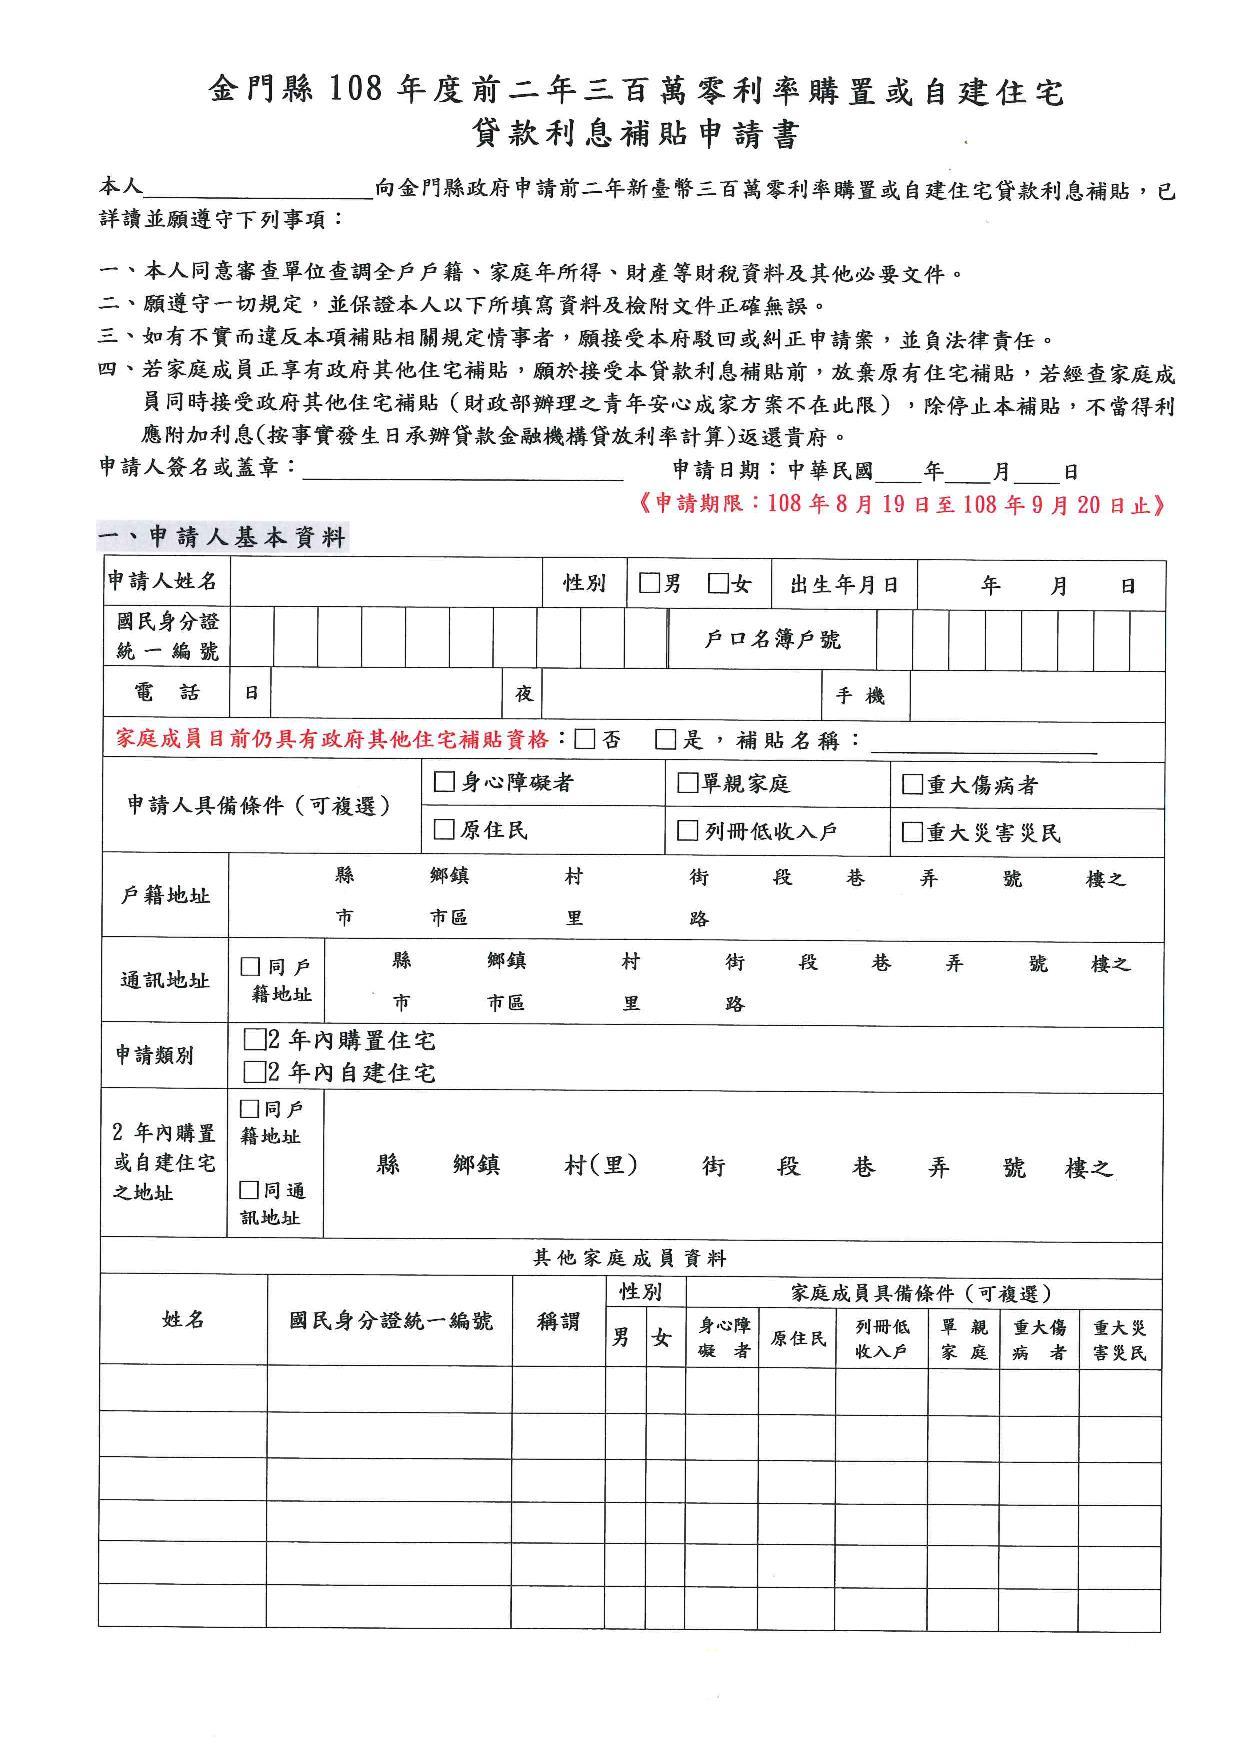 附件一-108年申請書